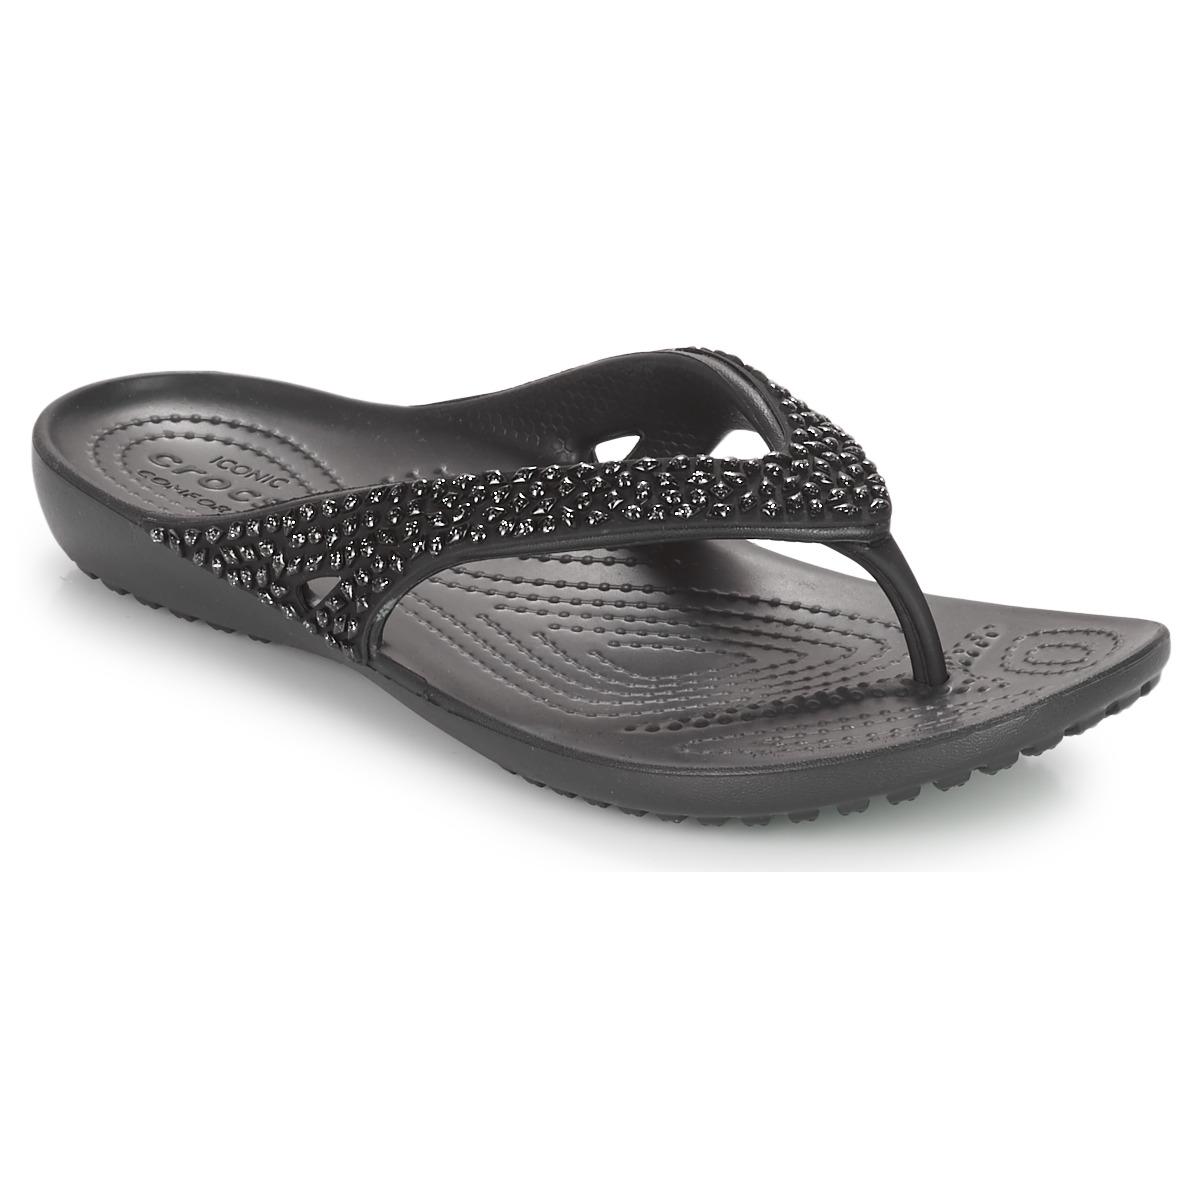 ... Crocs Žabky KADEE II EMBELLISHED FLIP W Crocs. -5% Nové ... 7443f2e83a